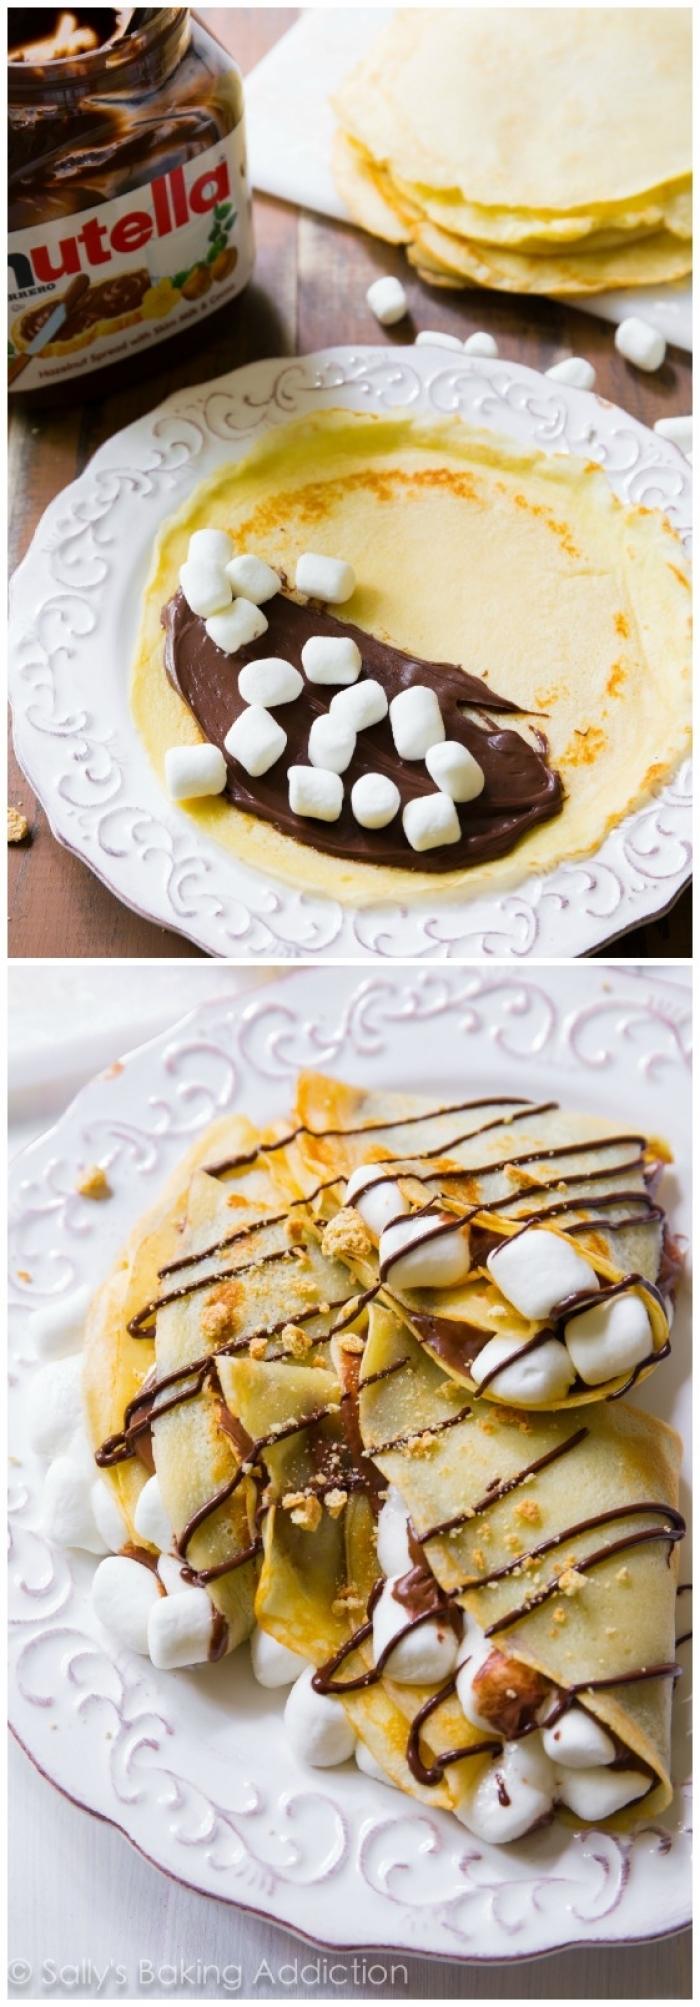 crêpe sucré - Recette Crêpe Nutella Guimauve Biscuits